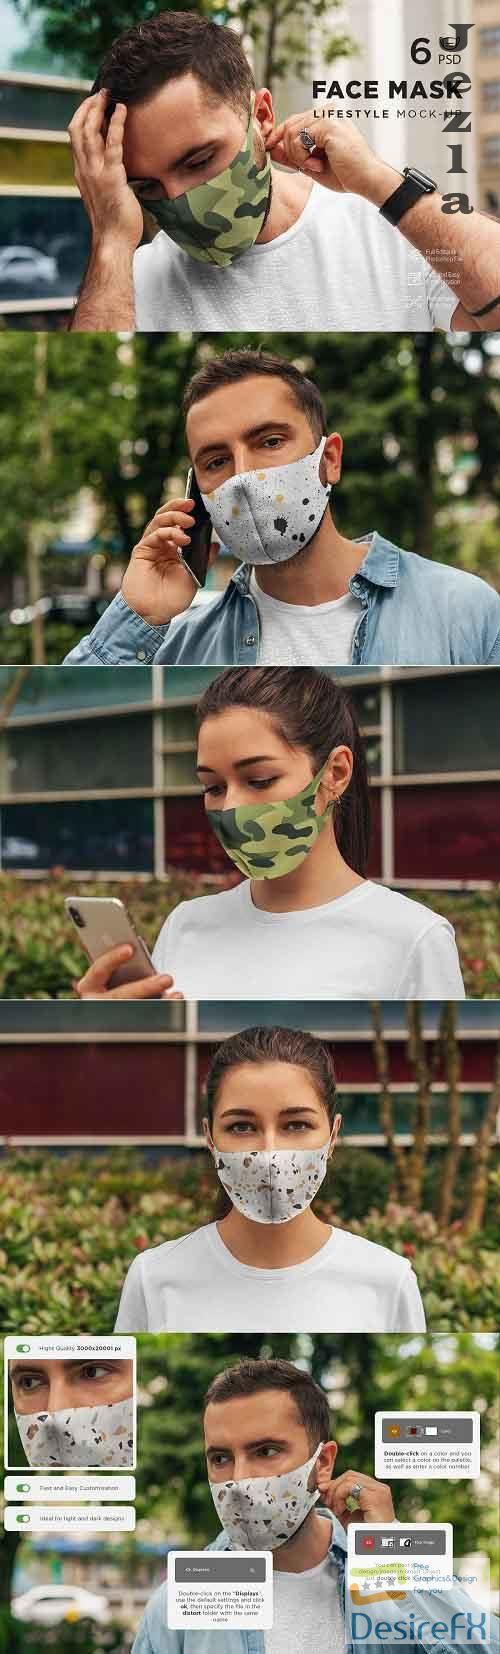 CreativeMarket - Face Mask MockUp Lifestyle 2 5012168